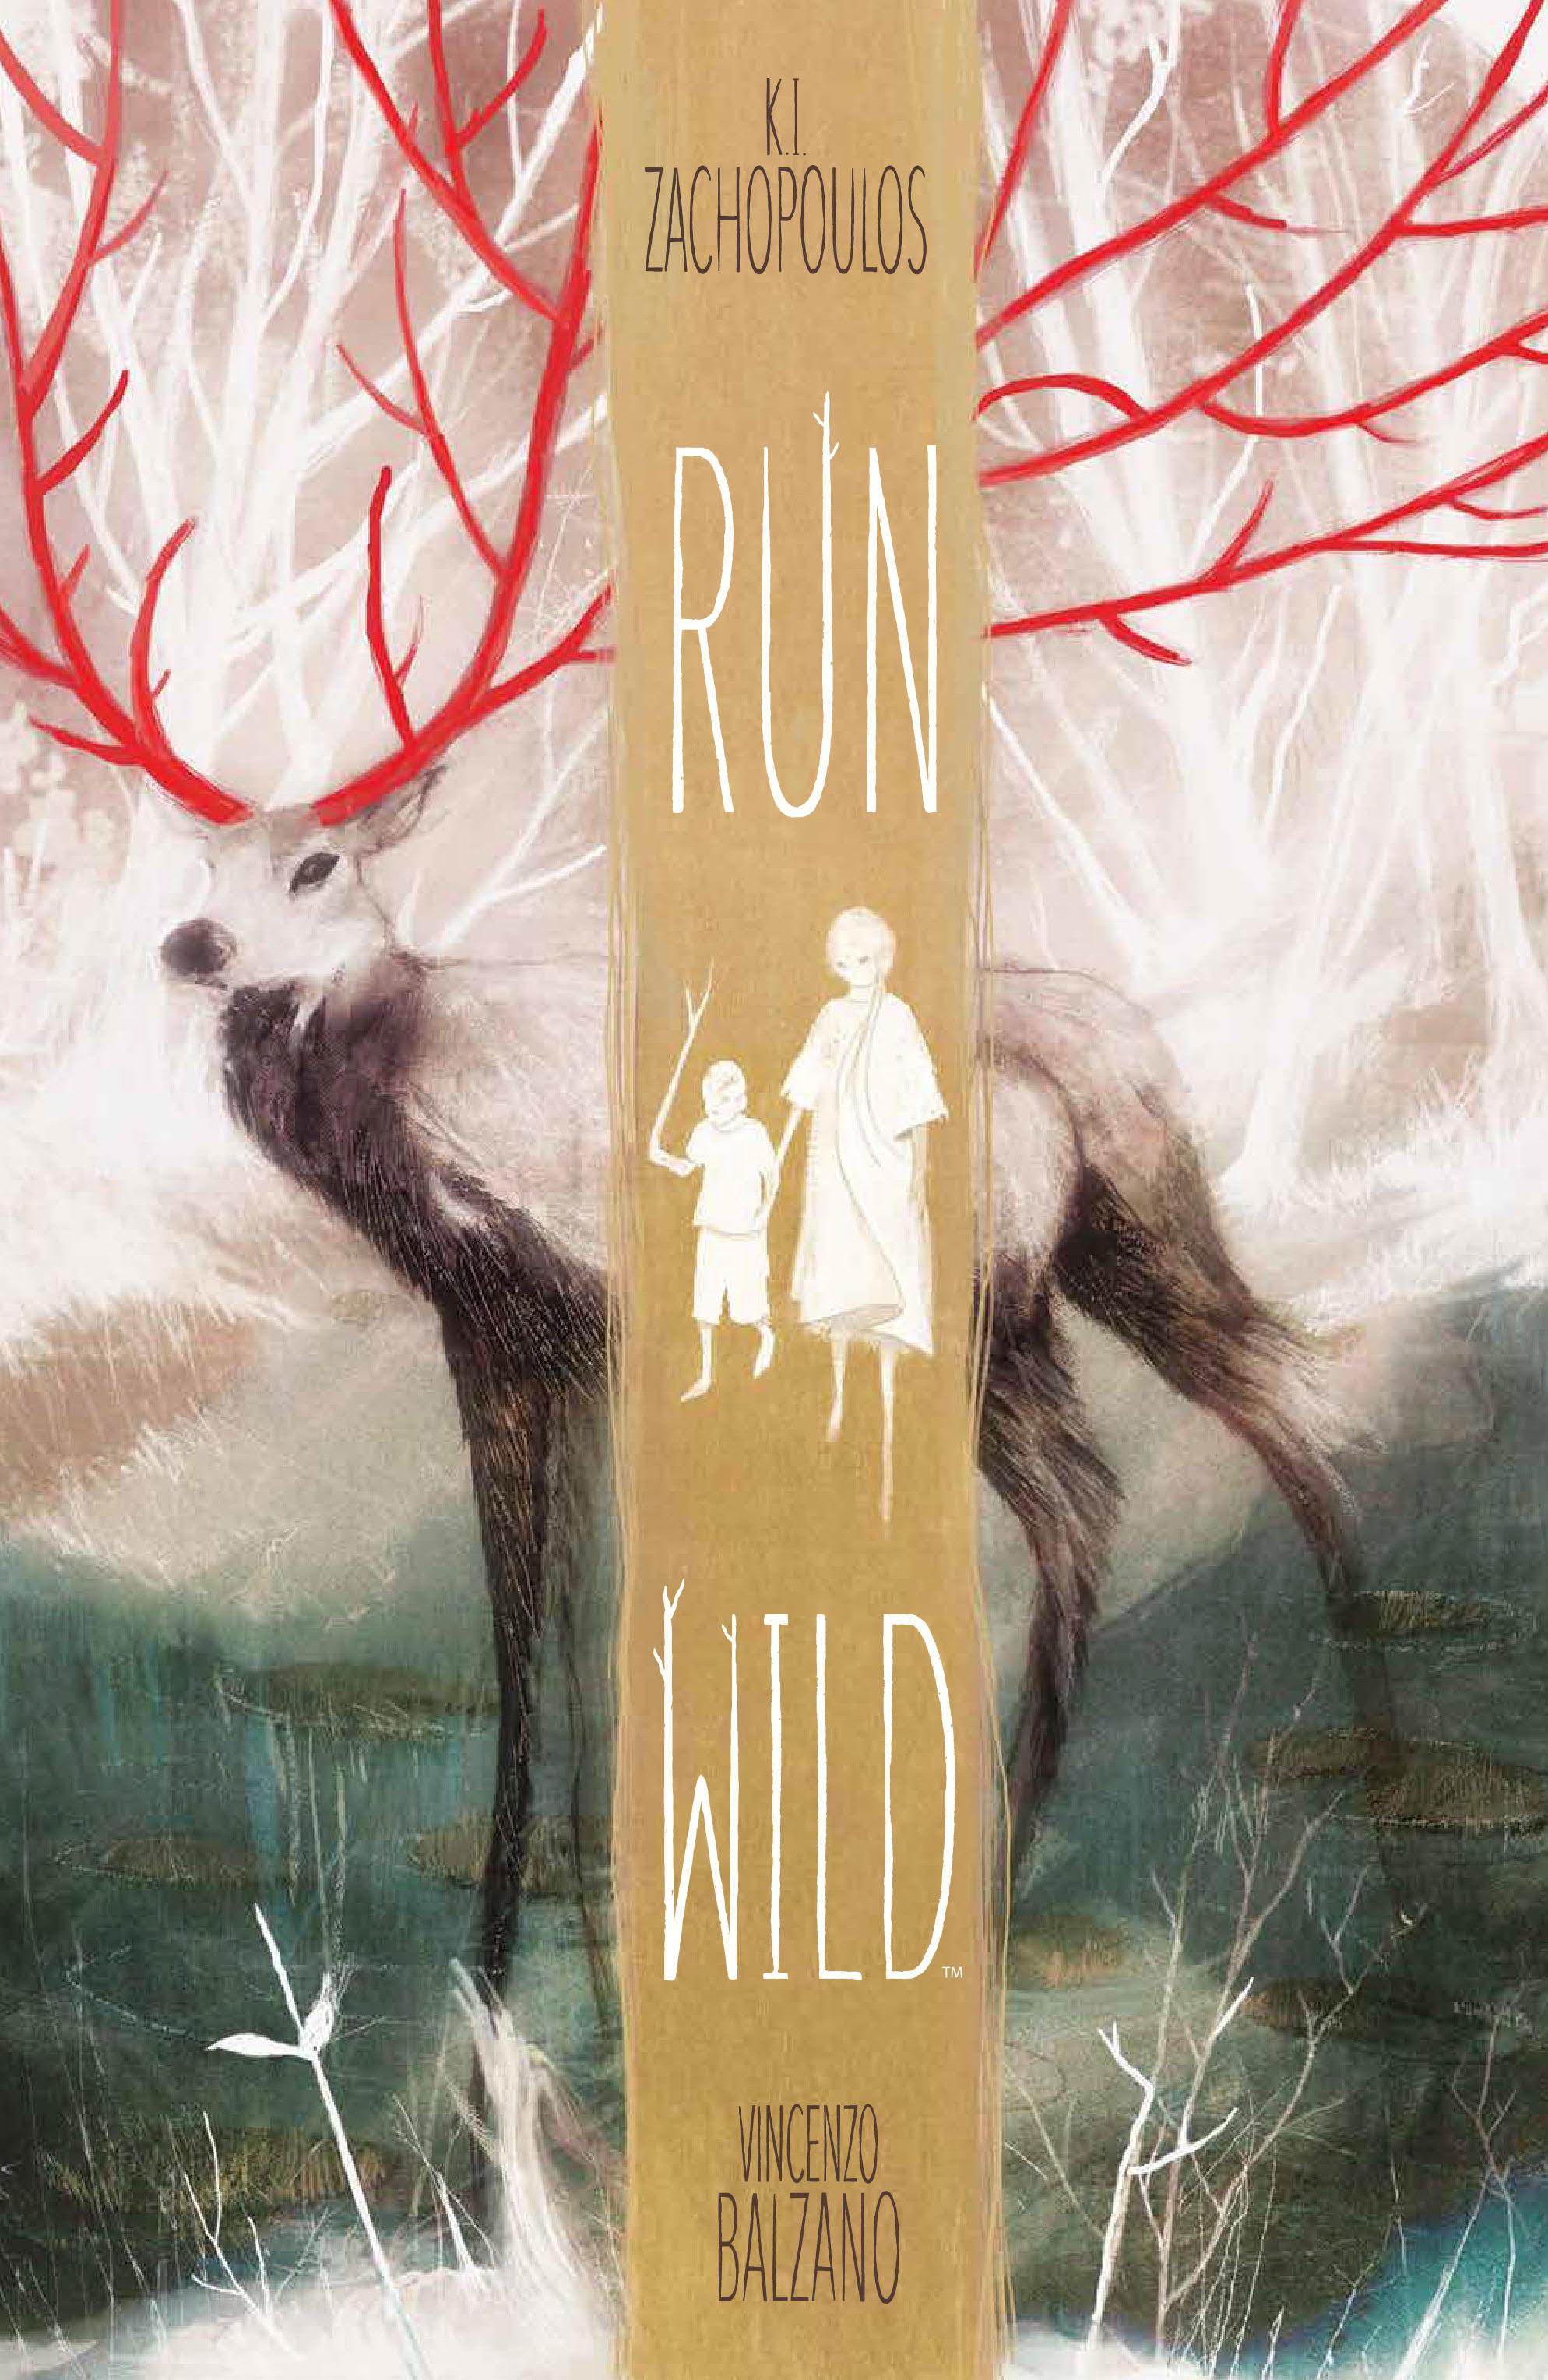 Run Wild - 2018